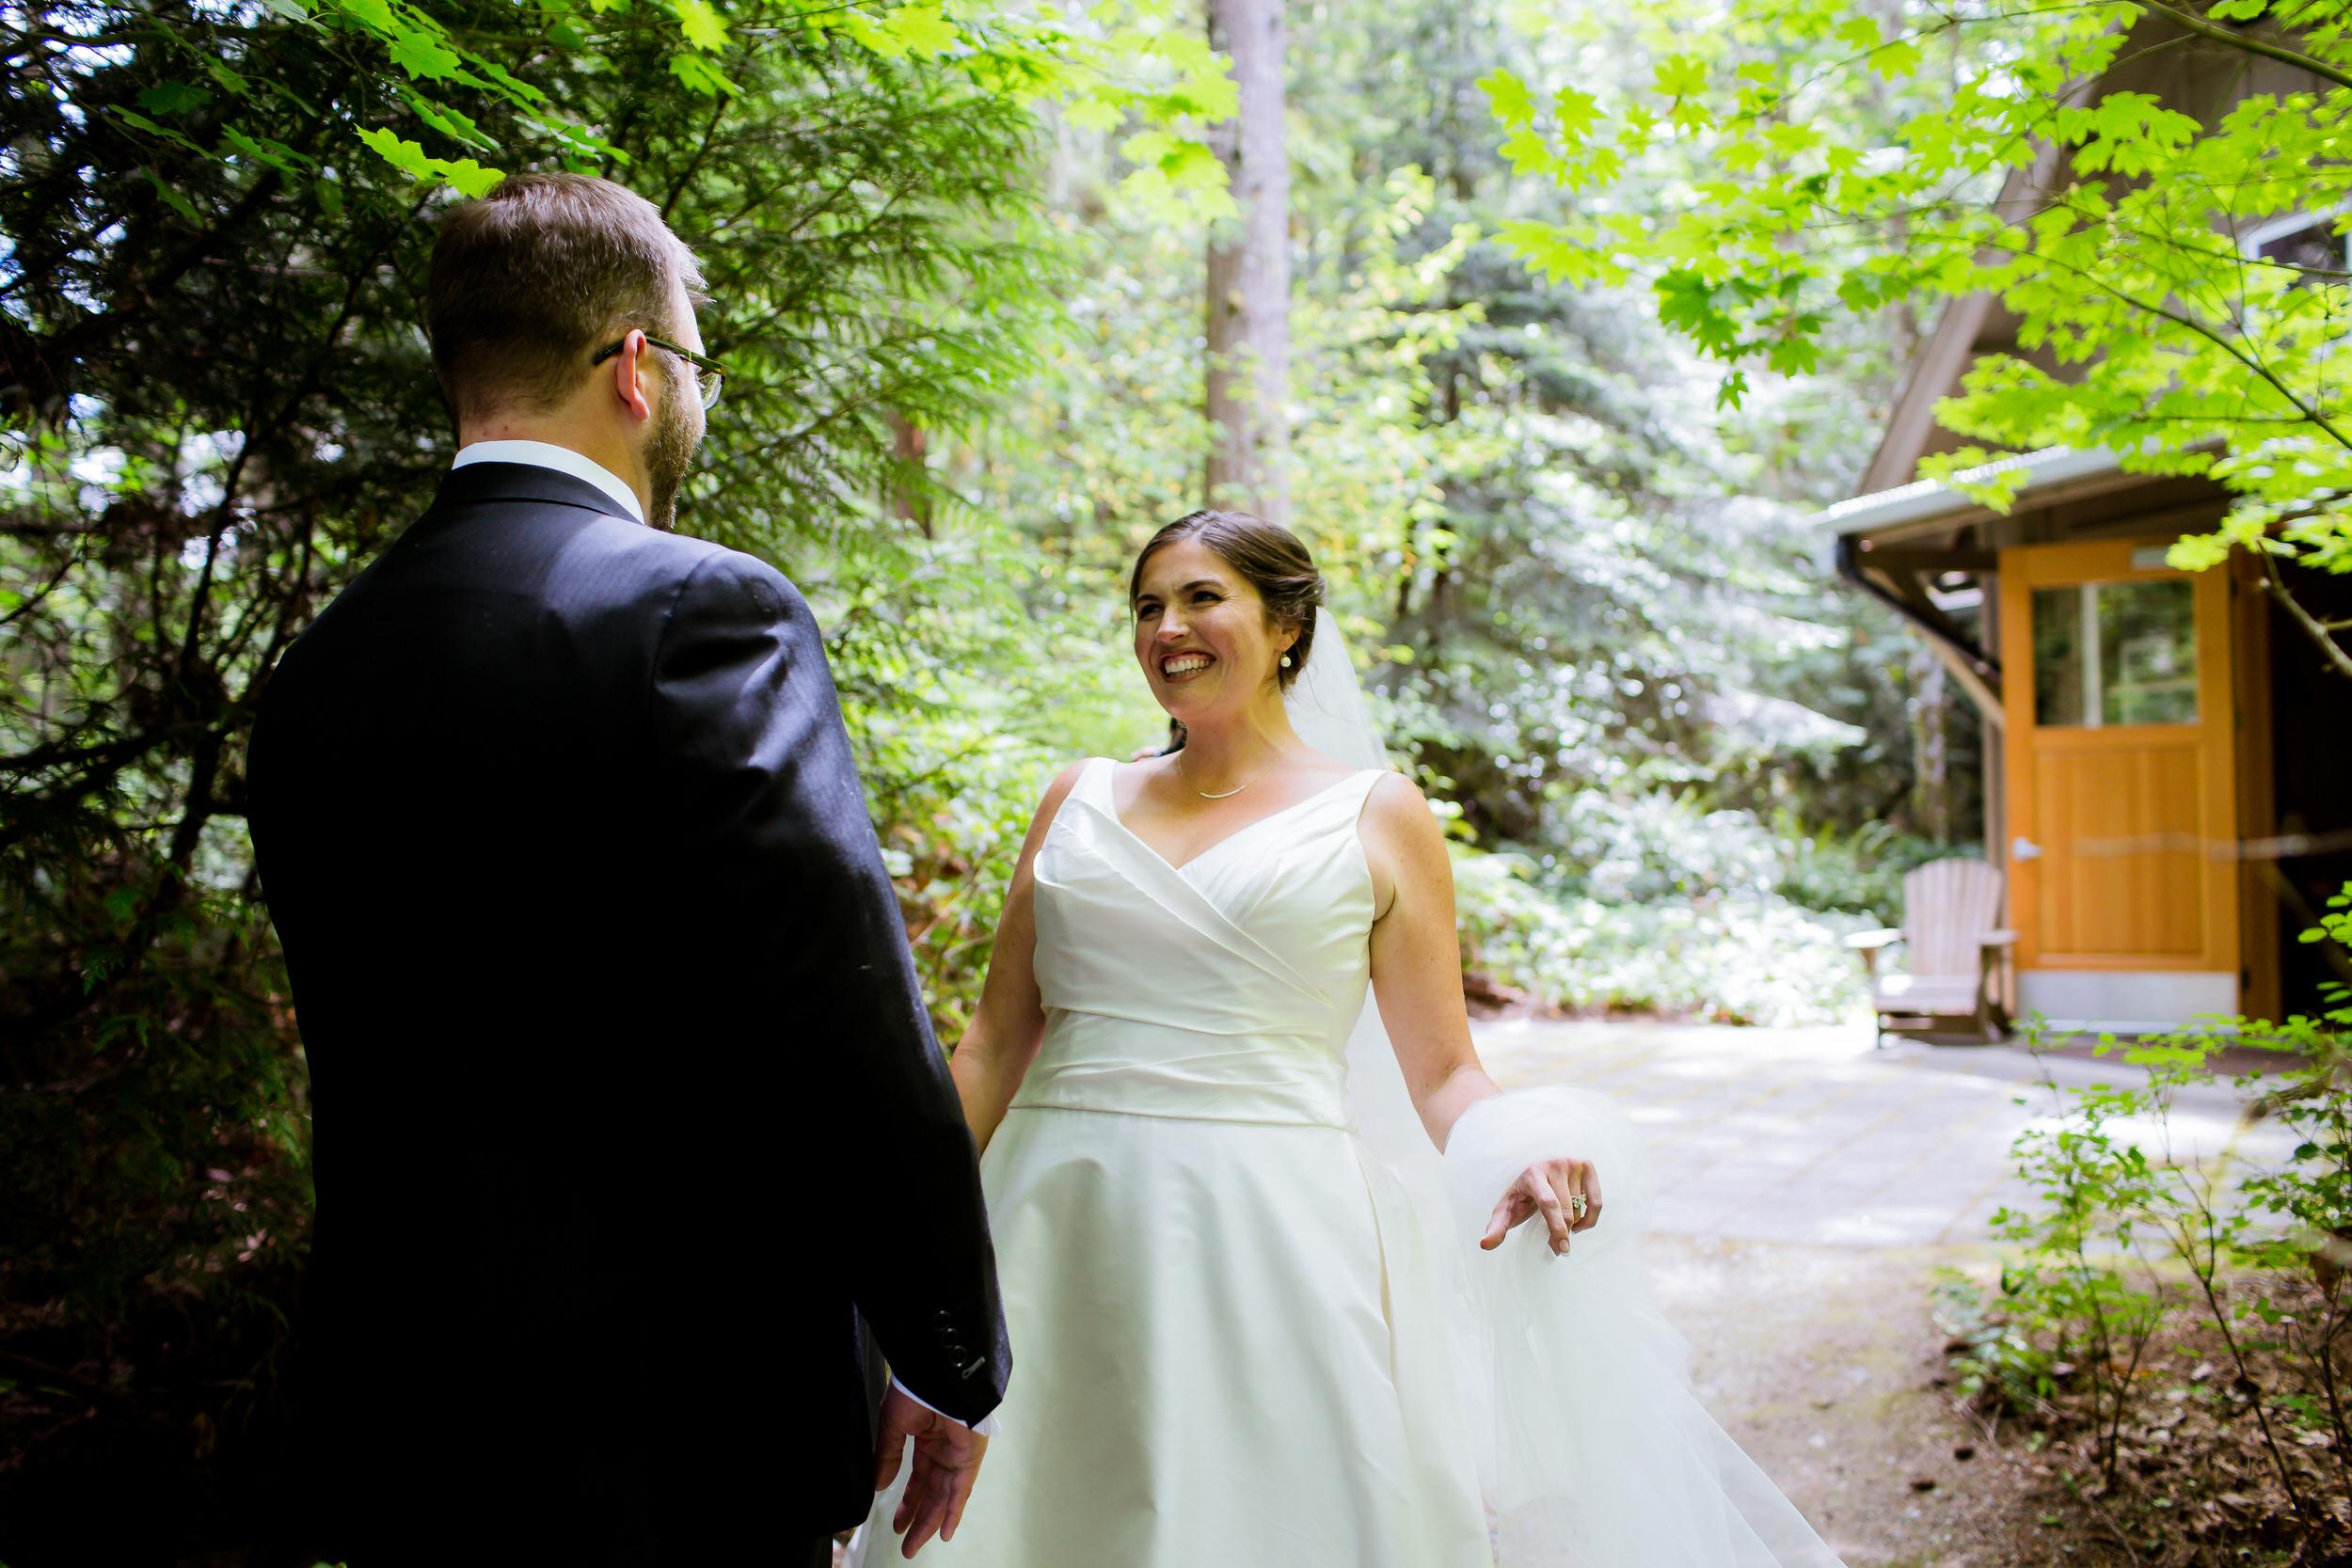 Islandwood_Retreat_Bambridge_Island_Washington_Wedding_009